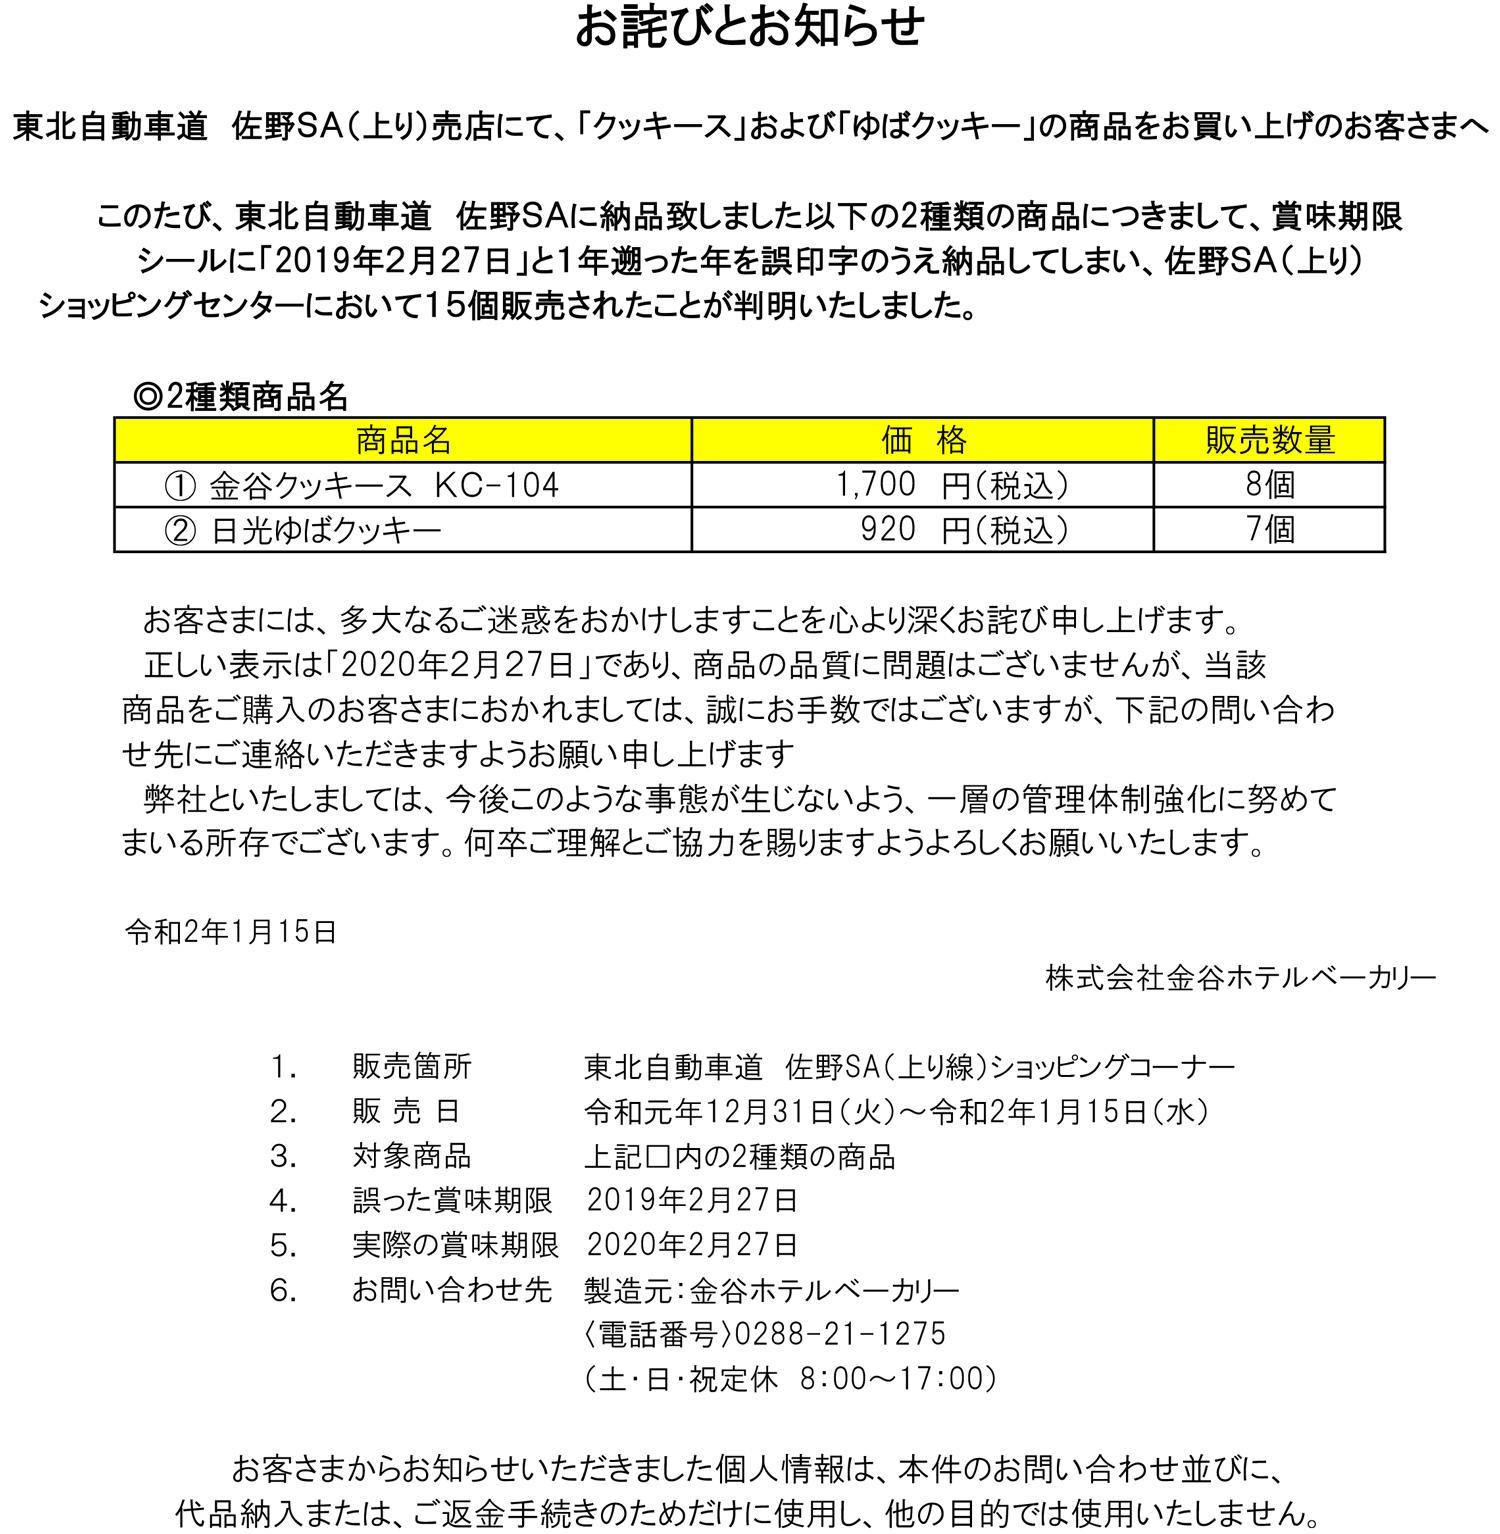 佐野SA【店舗用】お詫びとお知らせ.jpg